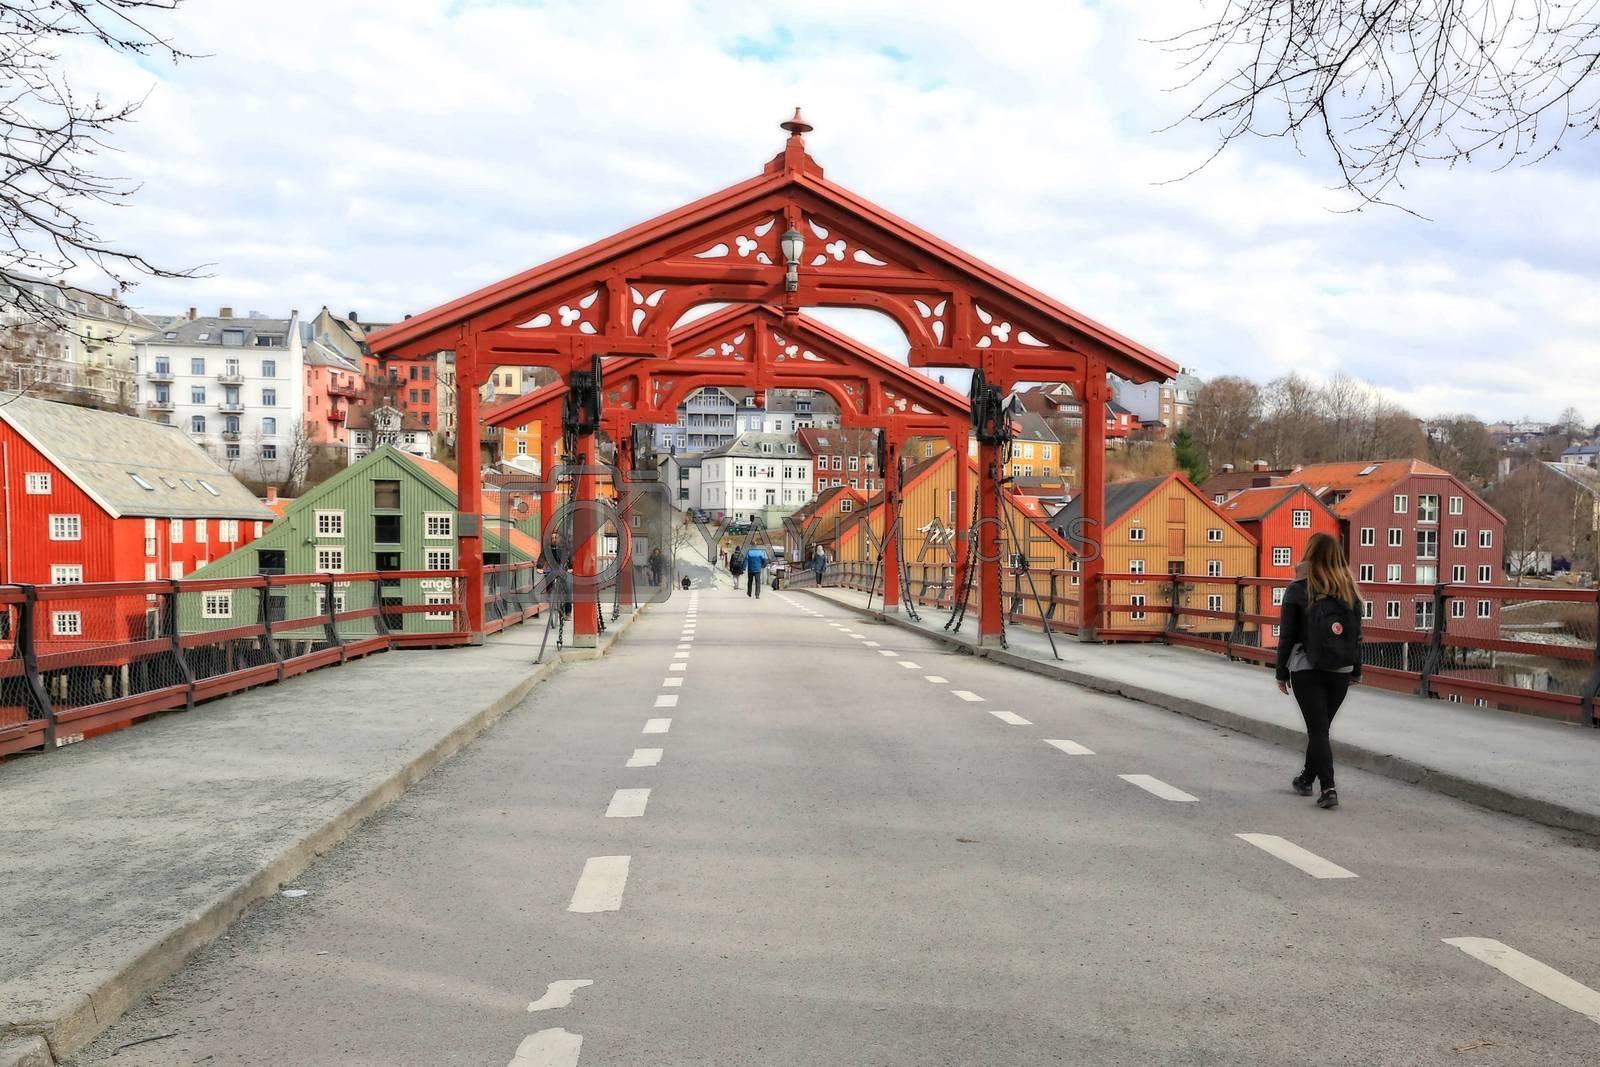 Rundtur i Trondheim en vårdag  - Gamle bybru ved Bakklandet over Nidelven